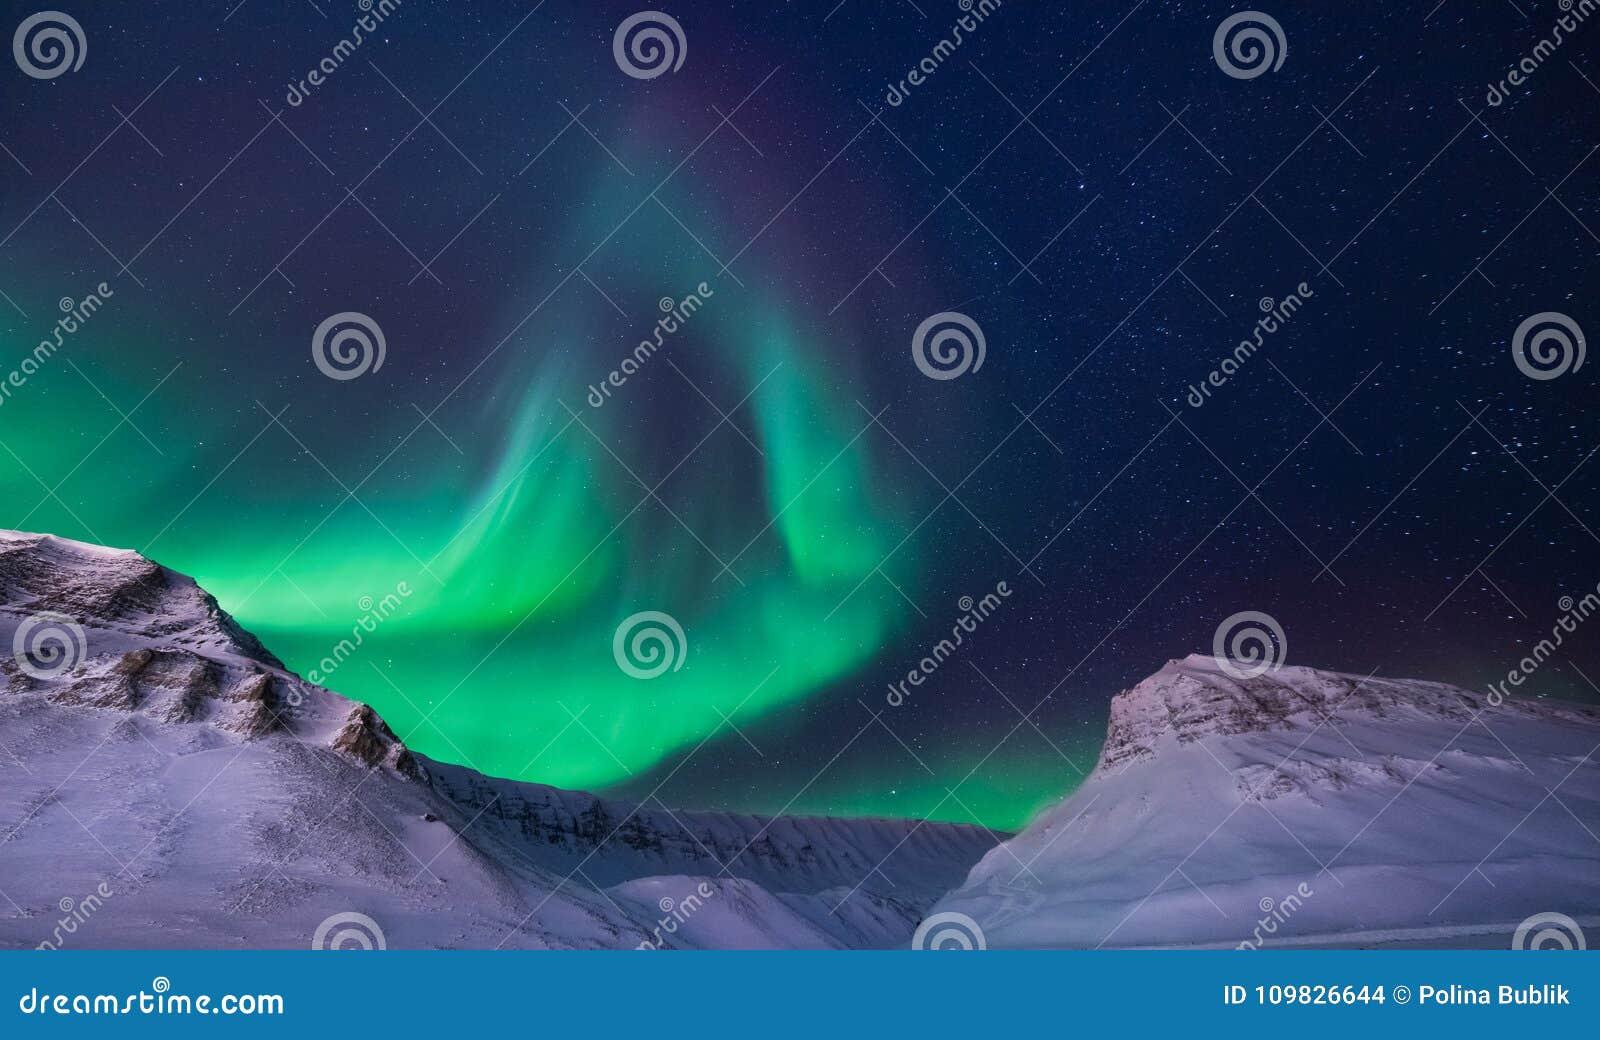 在挪威斯瓦尔巴特群岛朗伊尔城市snowscooter山的极性北极北极光极光borealis天空星